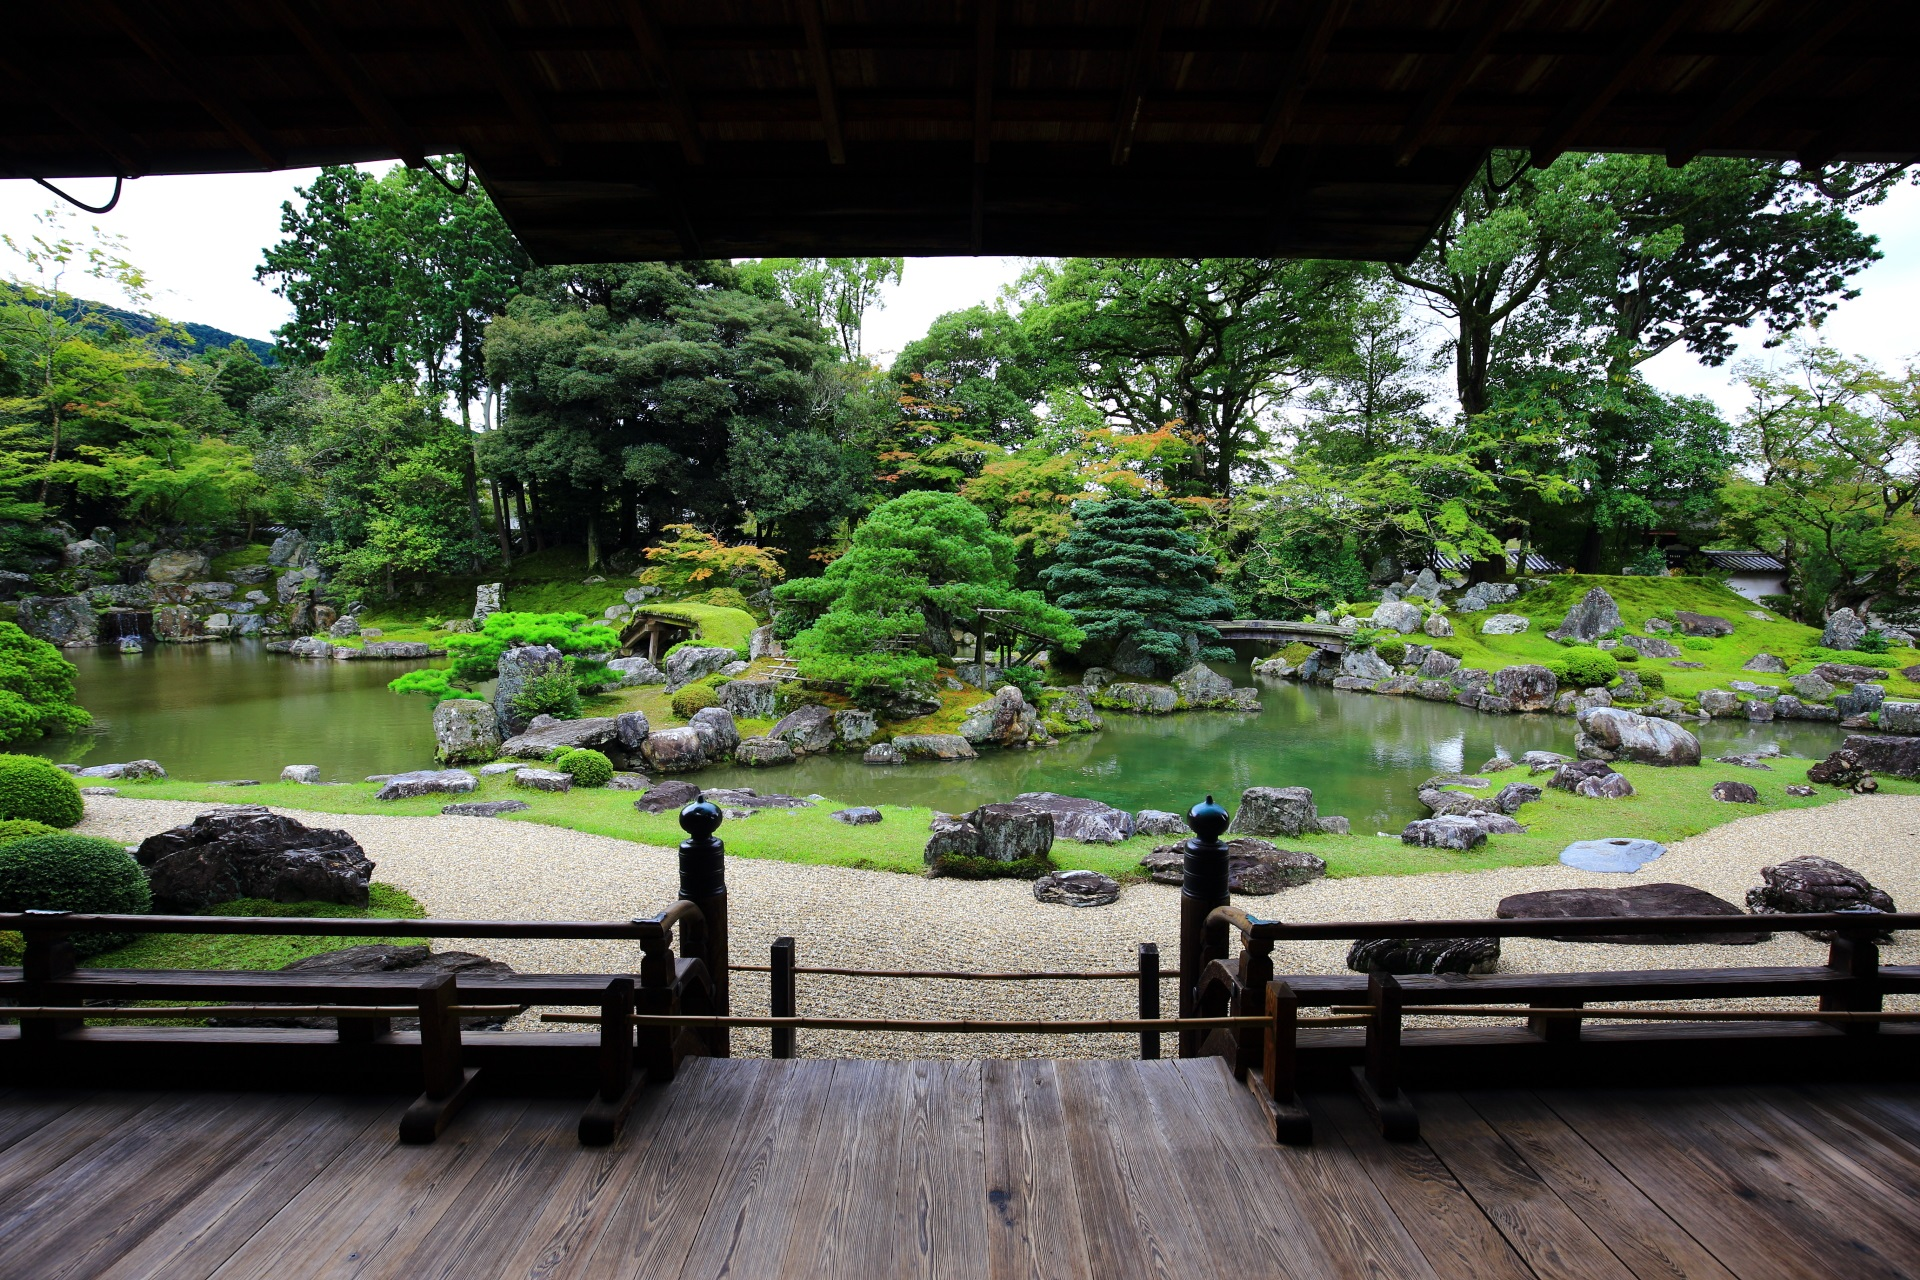 醍醐寺三宝院の書院正面の庭園